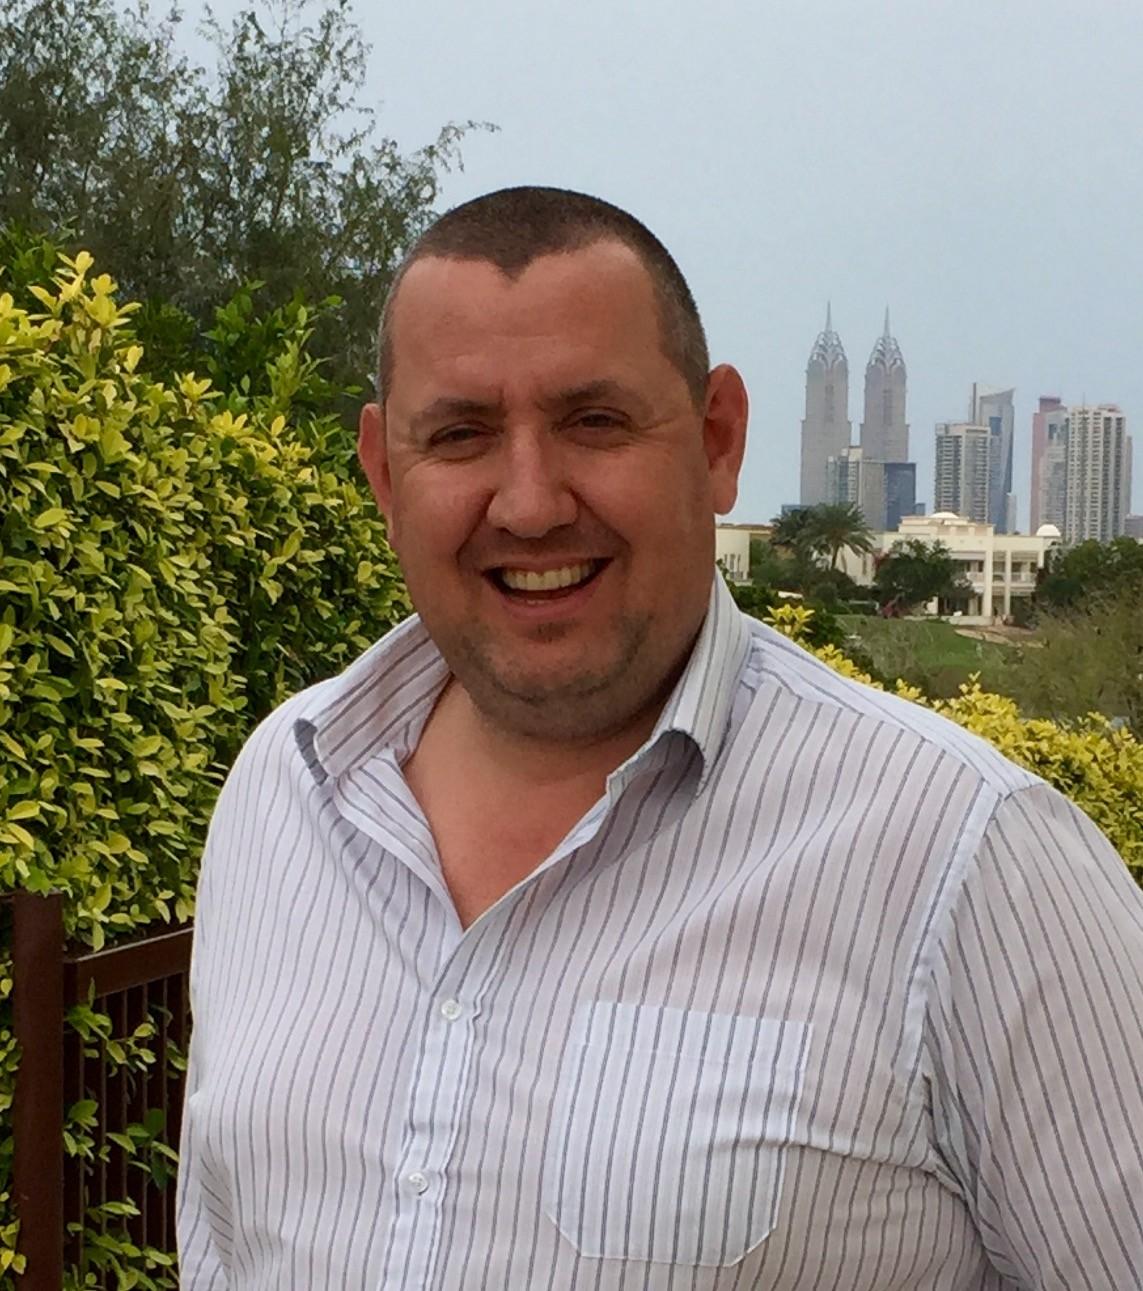 Clive Piper